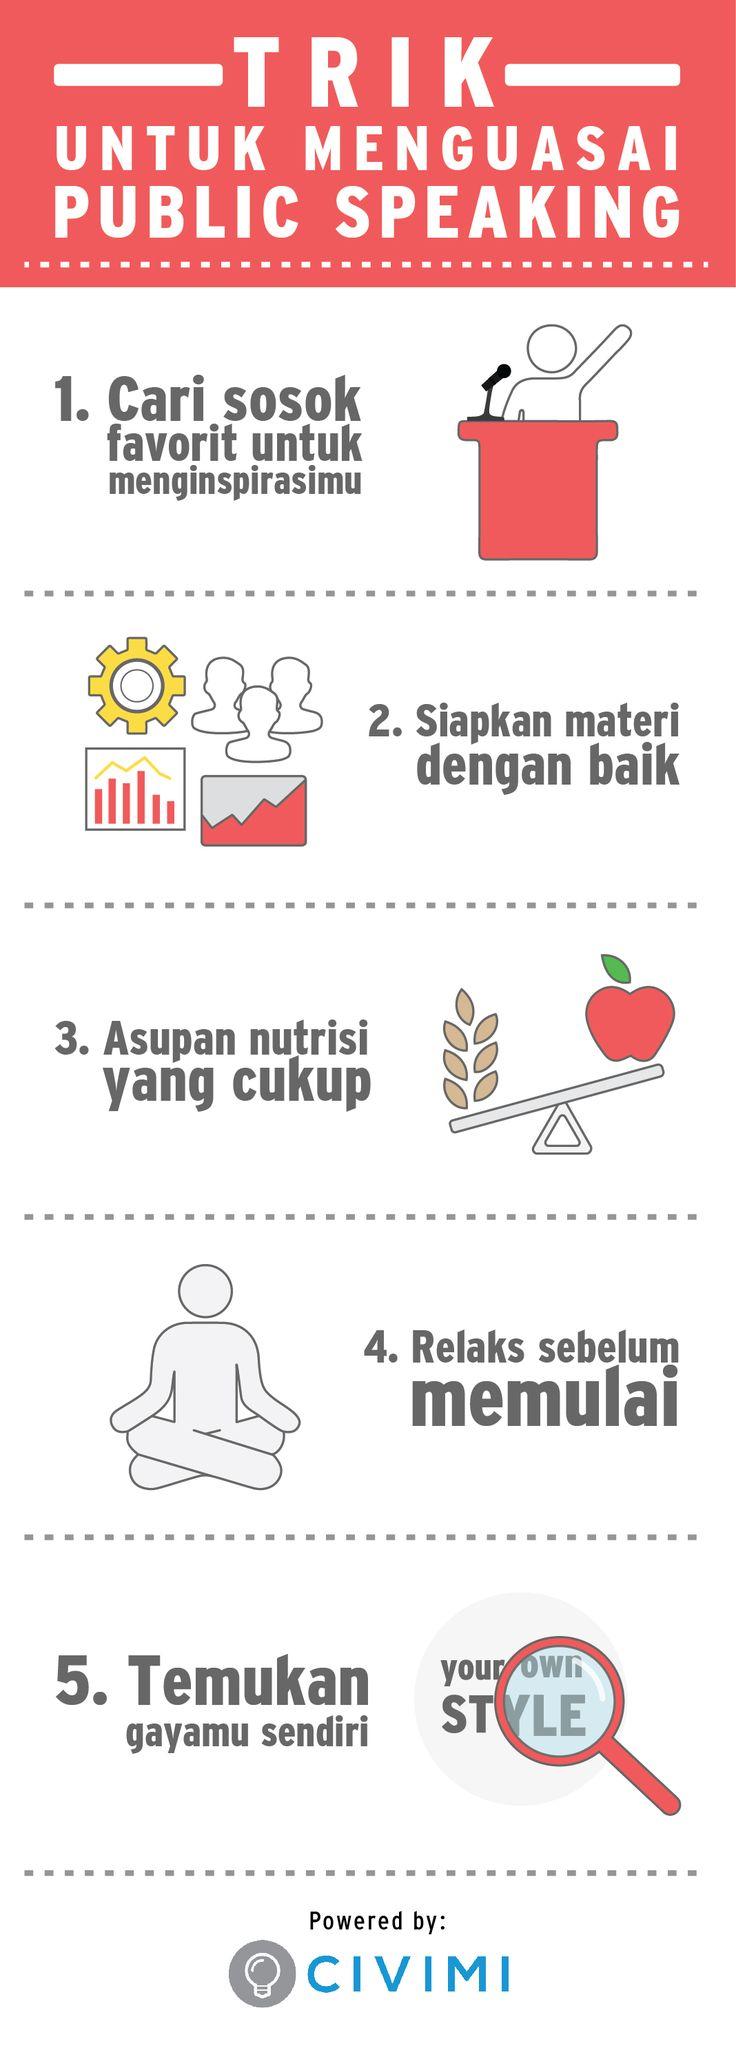 5 Trik untuk Menguasai Public Speaking (Infographic)